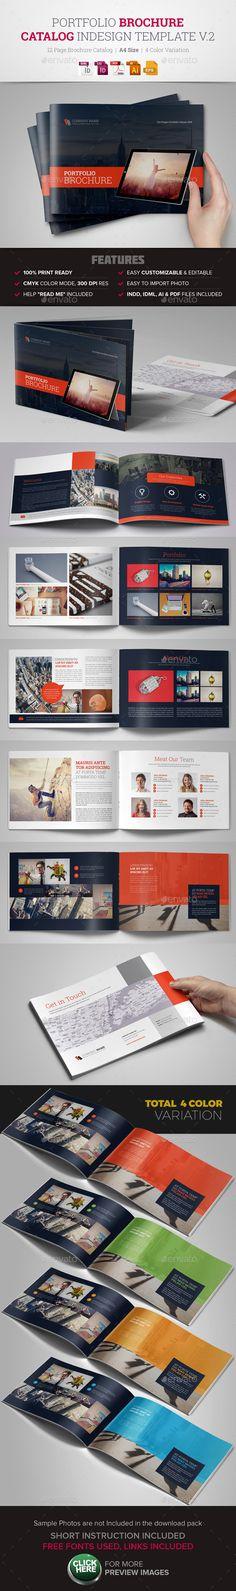 Portfolio Brochure InDesign Template v2